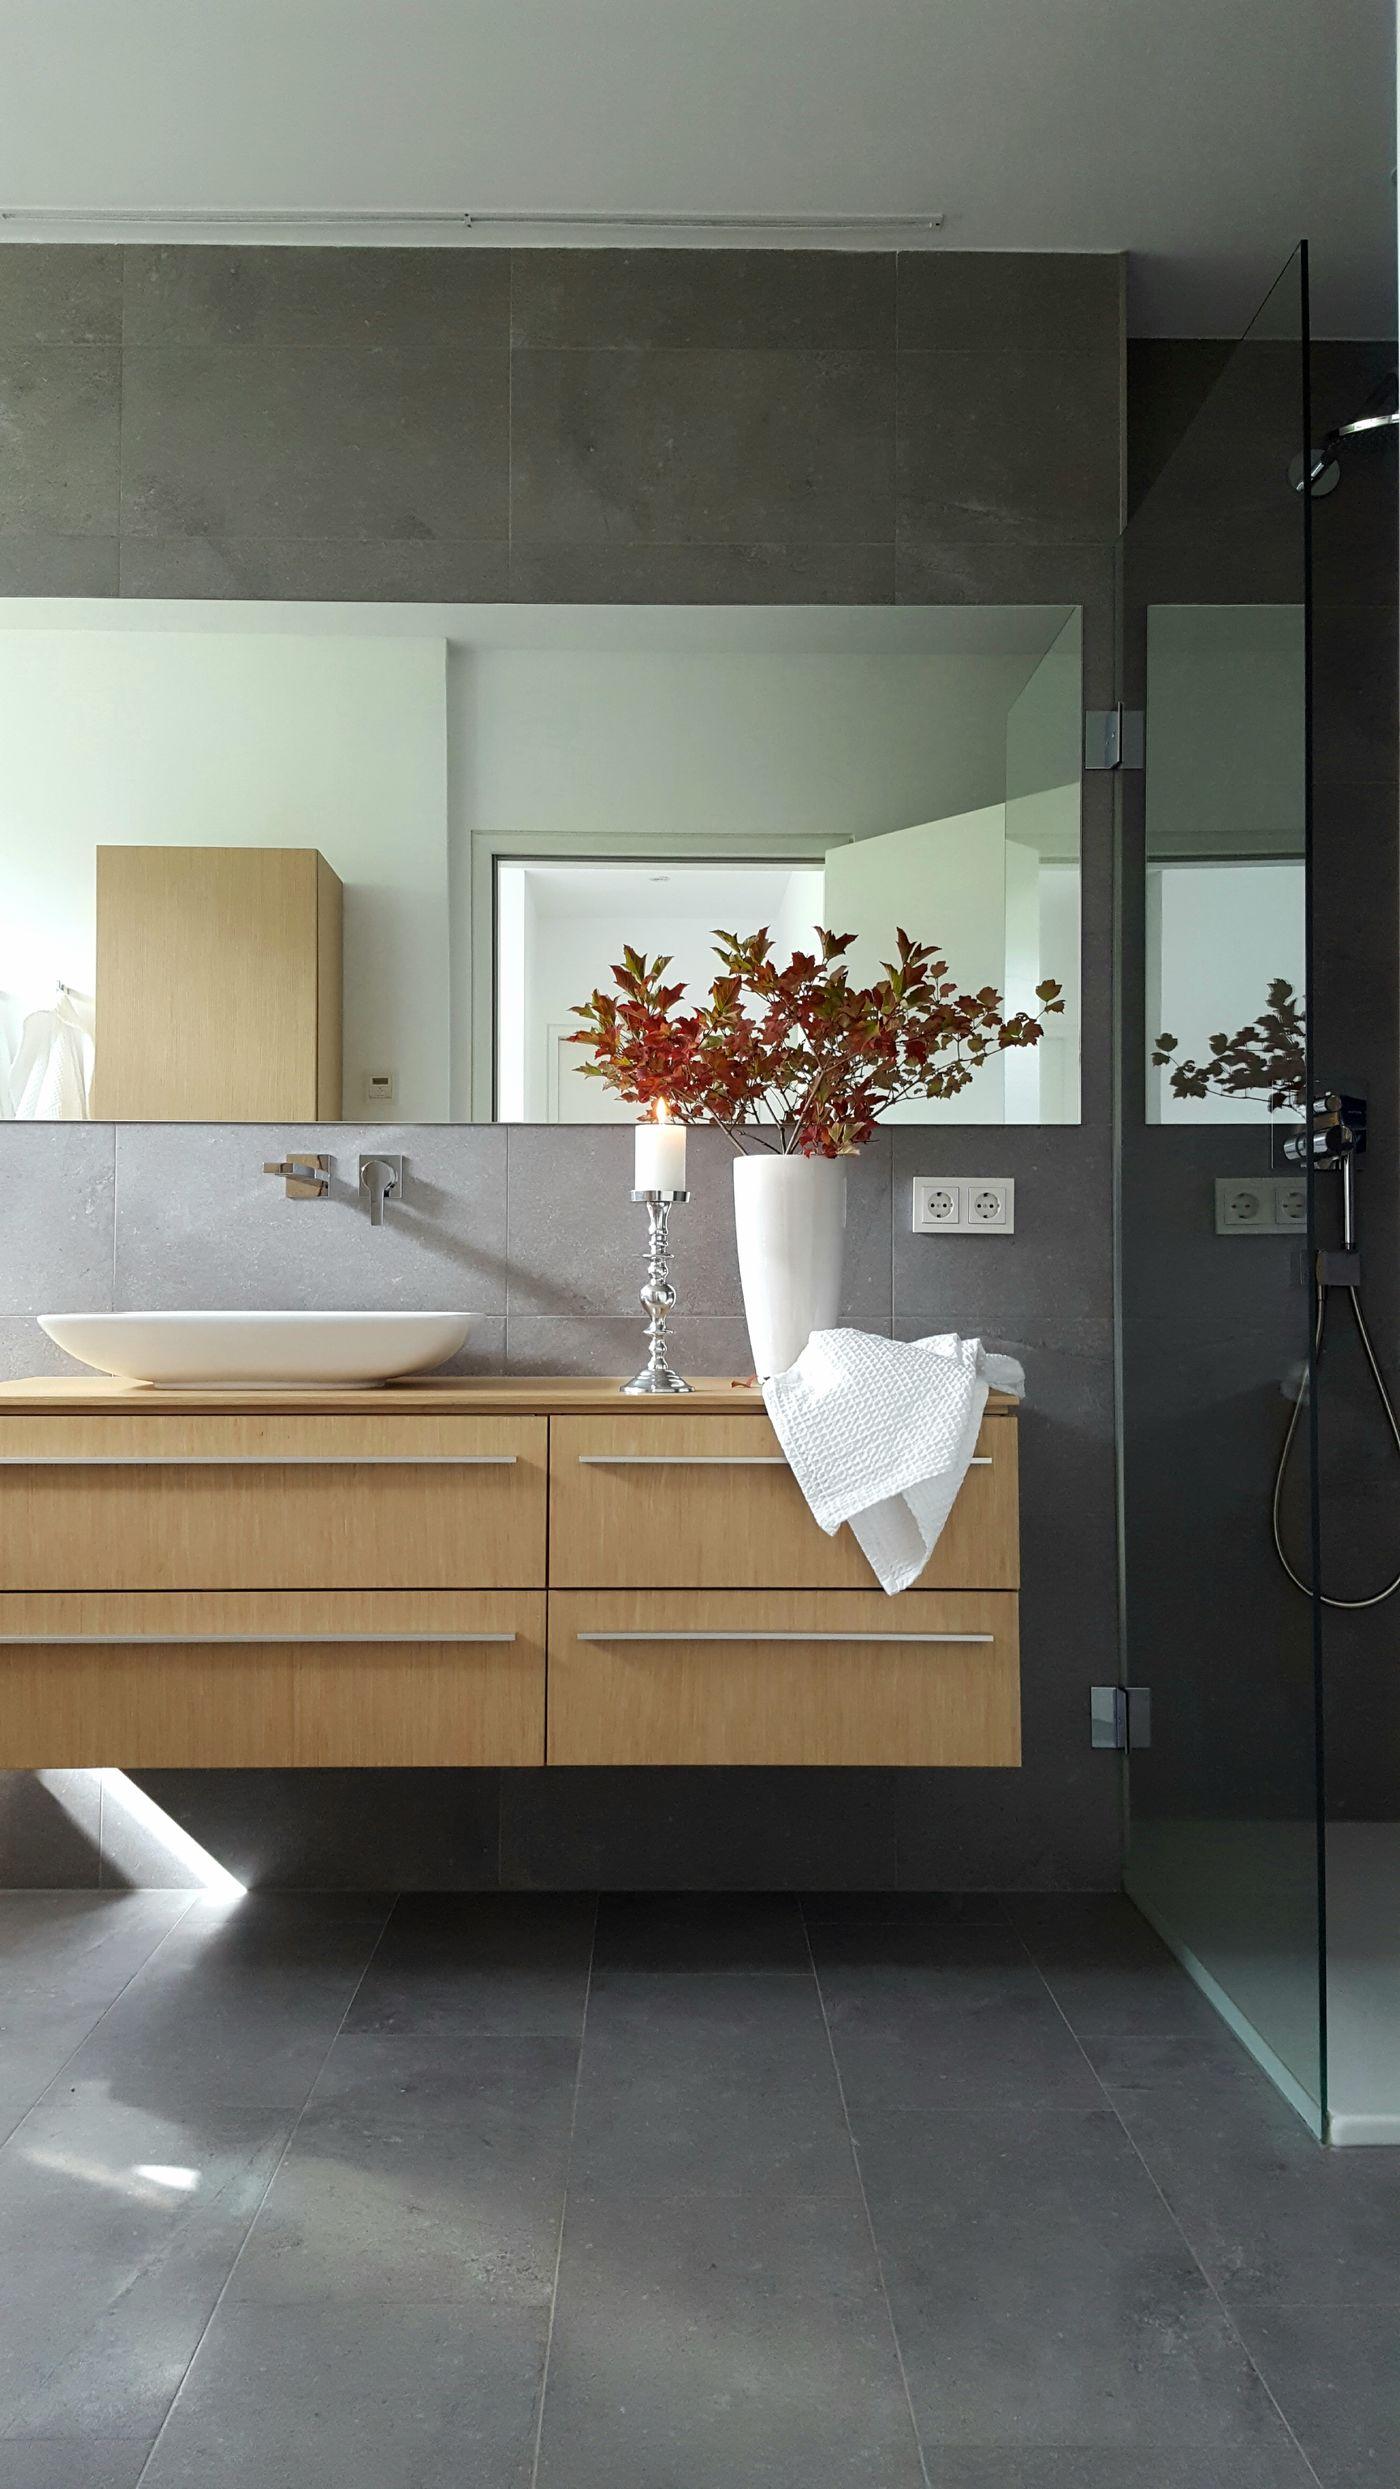 die sch nsten badezimmer ideen seite 3. Black Bedroom Furniture Sets. Home Design Ideas